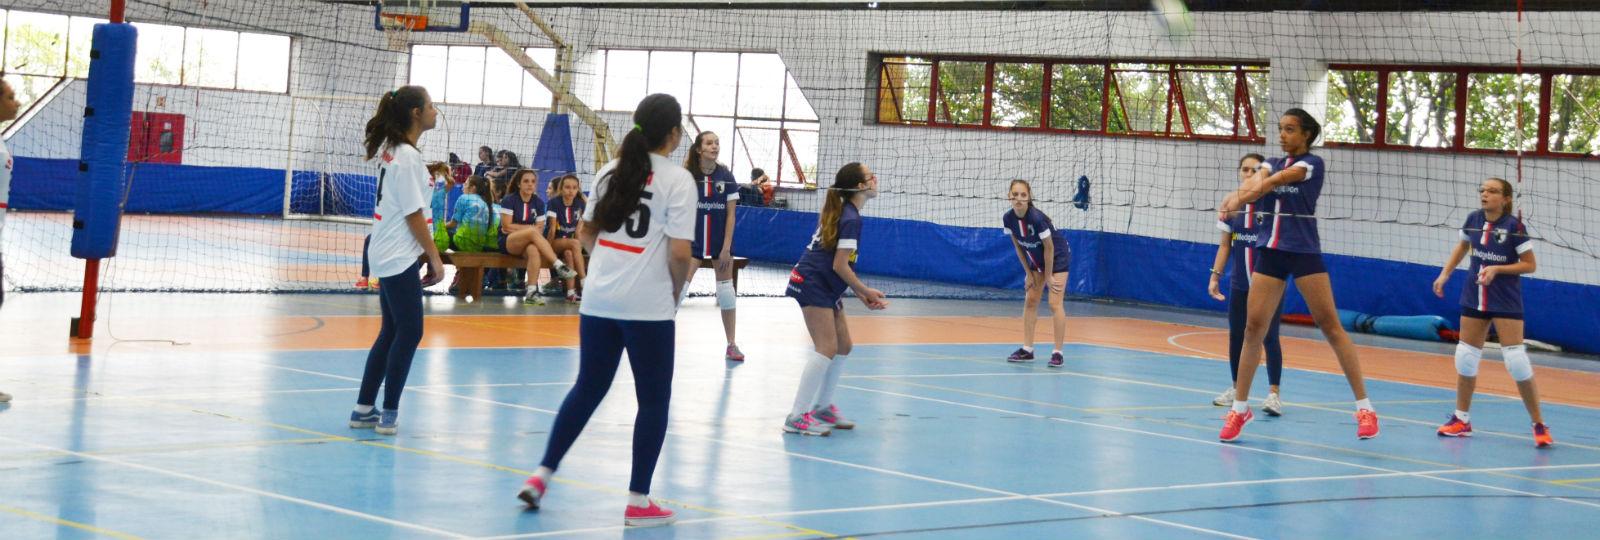 1153:XLIV Jogos do Colégio Farroupilha